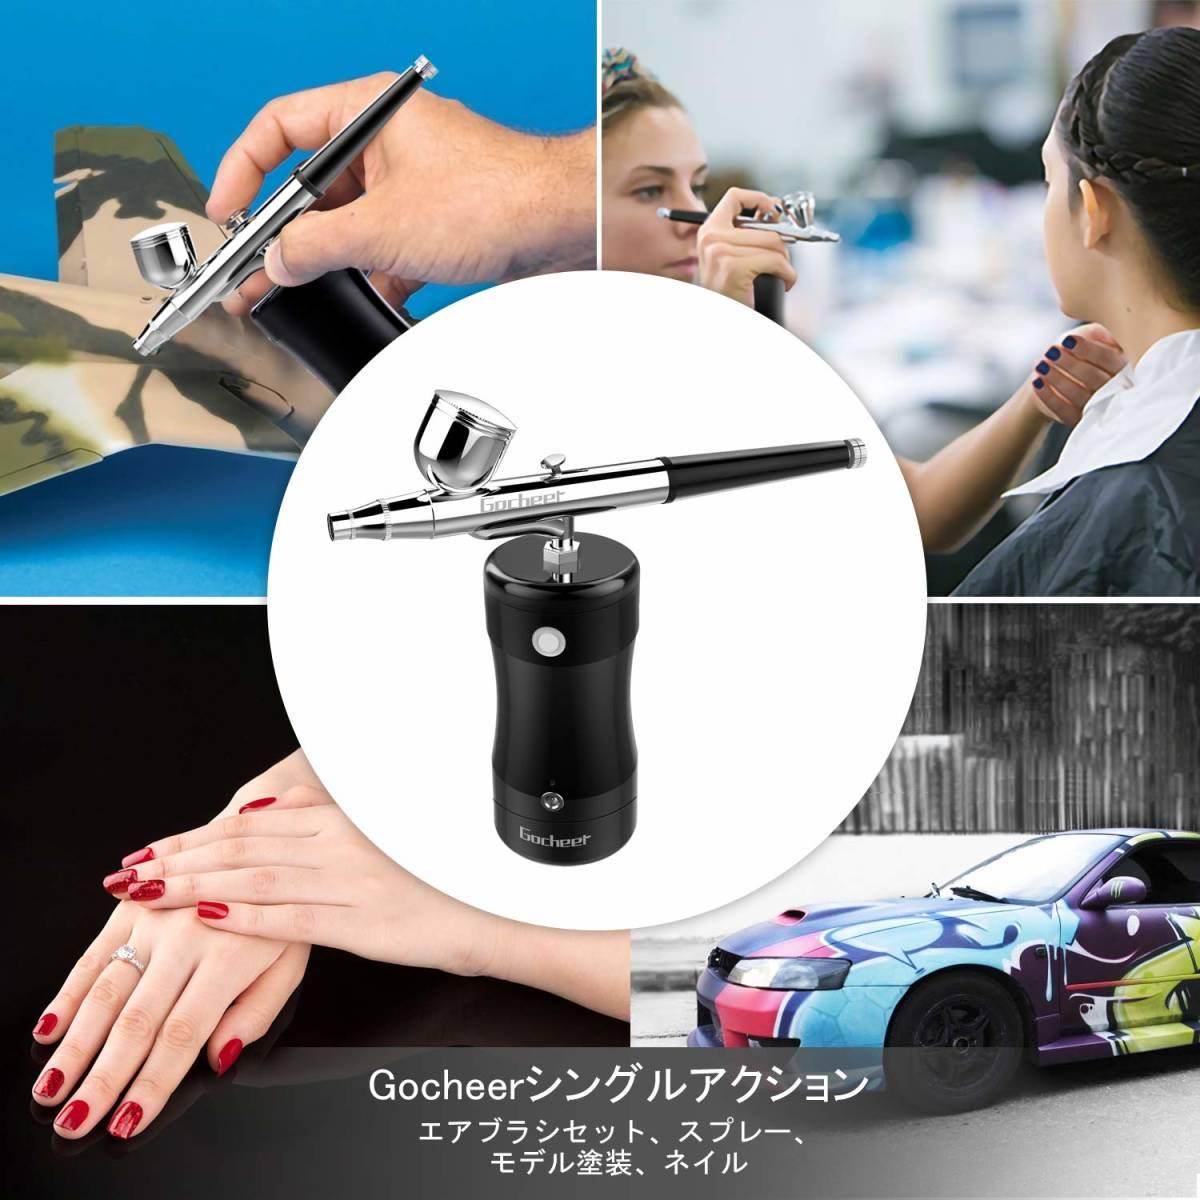 ゴシェール/Gocheer 充電式エアブラシ用一体化コンプレッサー黒(小型 USB充電ライン イルレス シングルアクションエアブラシ付きPS-1/8_画像3